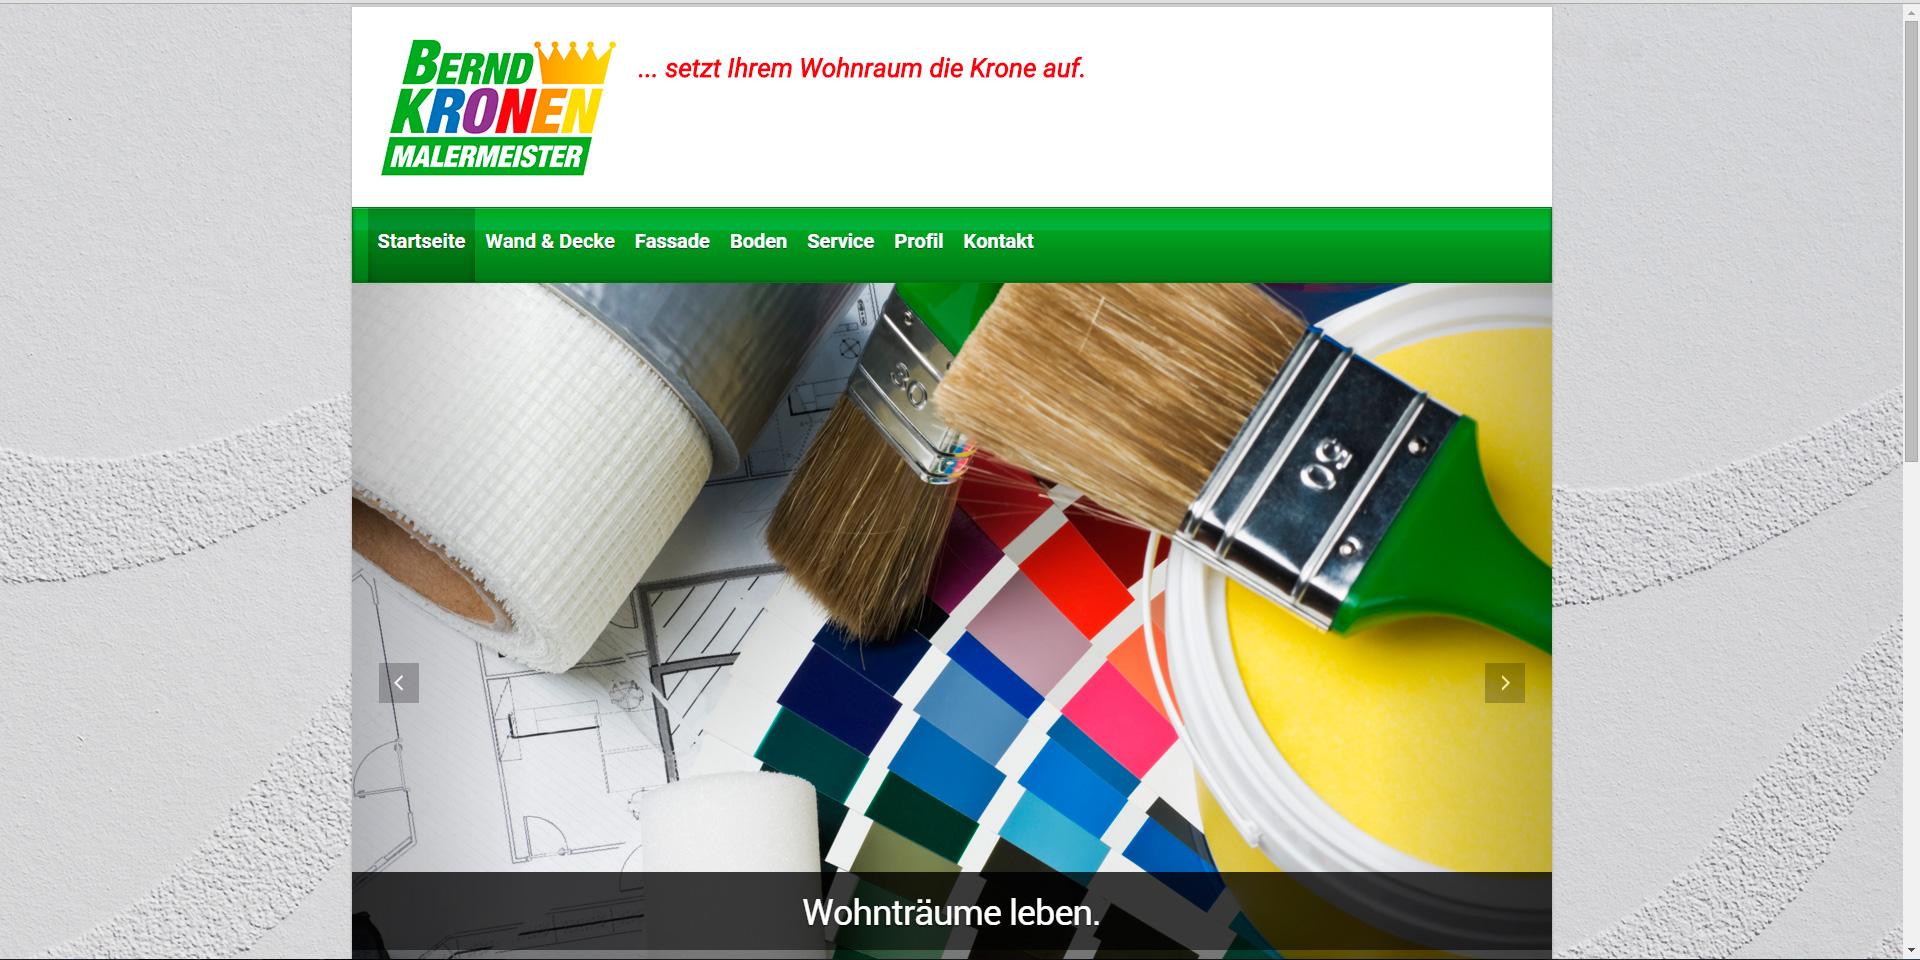 Webdesign für Malermeister Bernd Kronen aus Ratingen